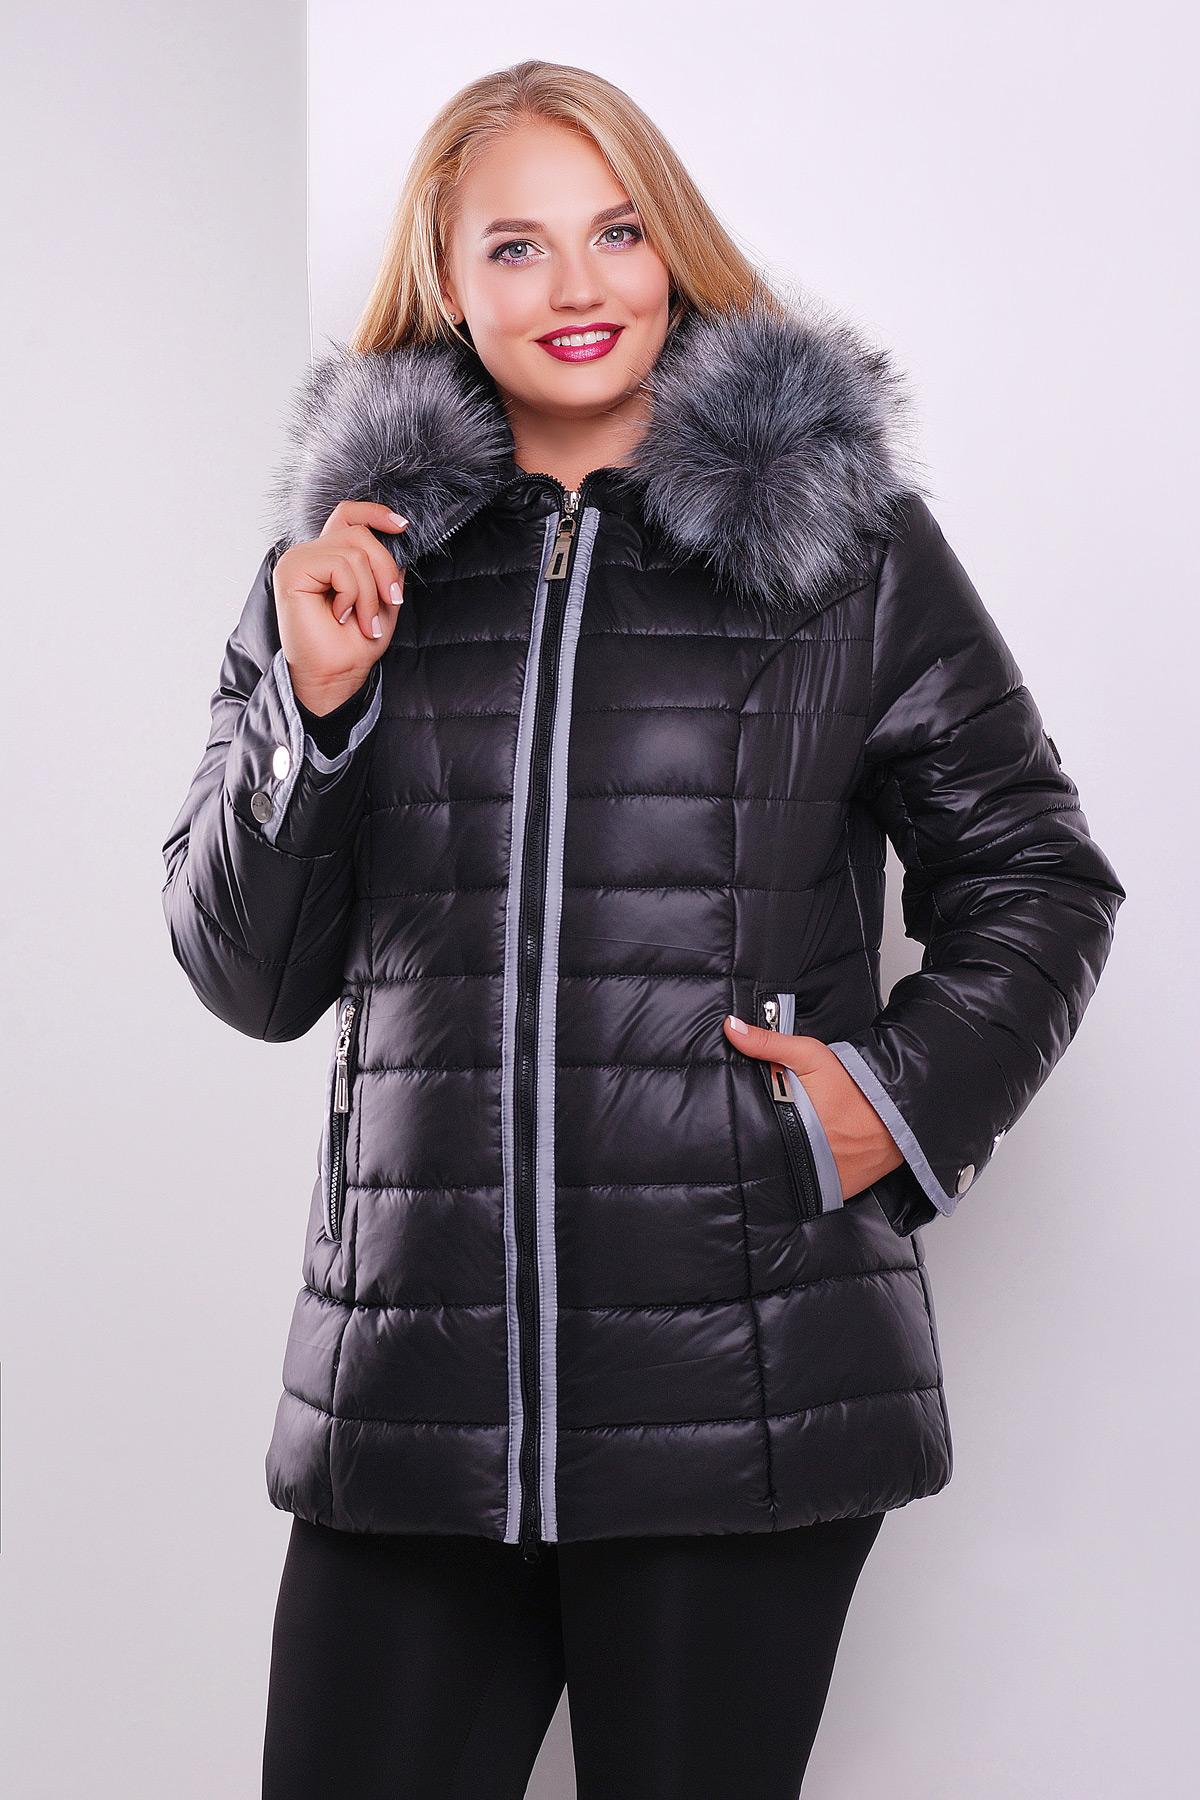 7f4086bdb51 Черная куртка с капюшоном на меху. куртка Glem-1. Цвет  черный